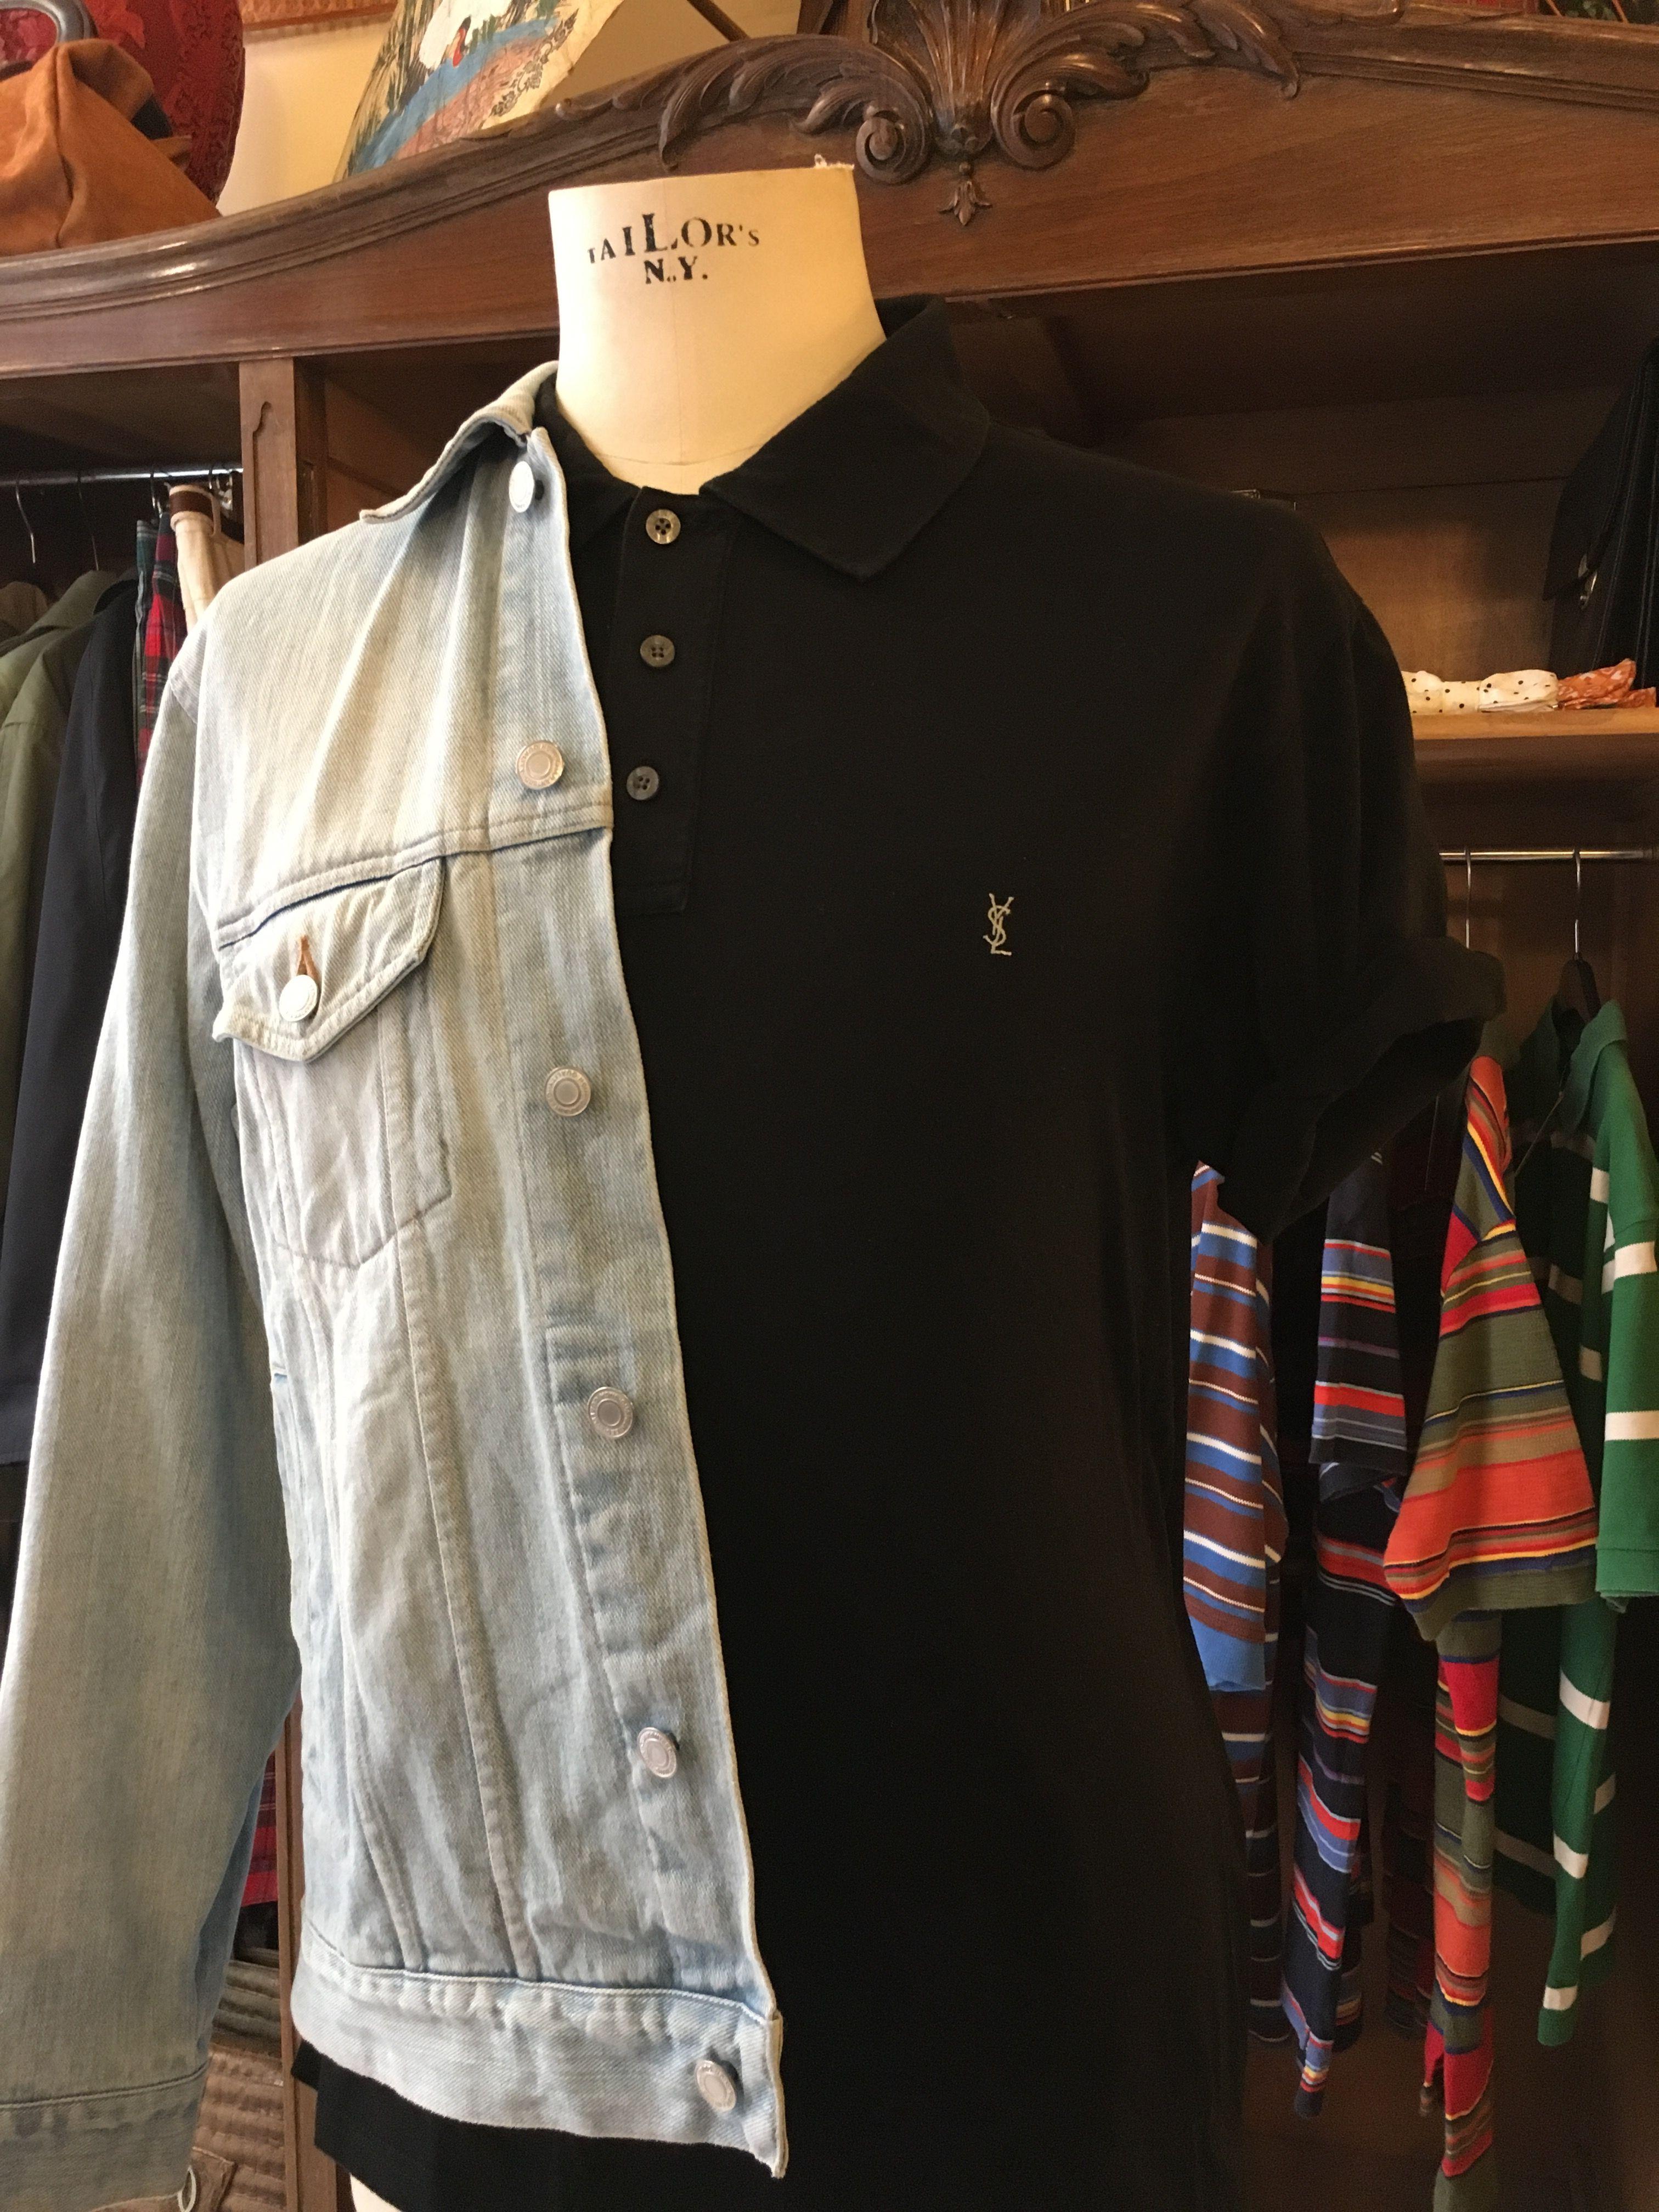 #Cazadora #denim y #polo #ysl... ¿te gusta? #vintage #shop #store #outfit #pic #look #elche #alicante #murcia #spain